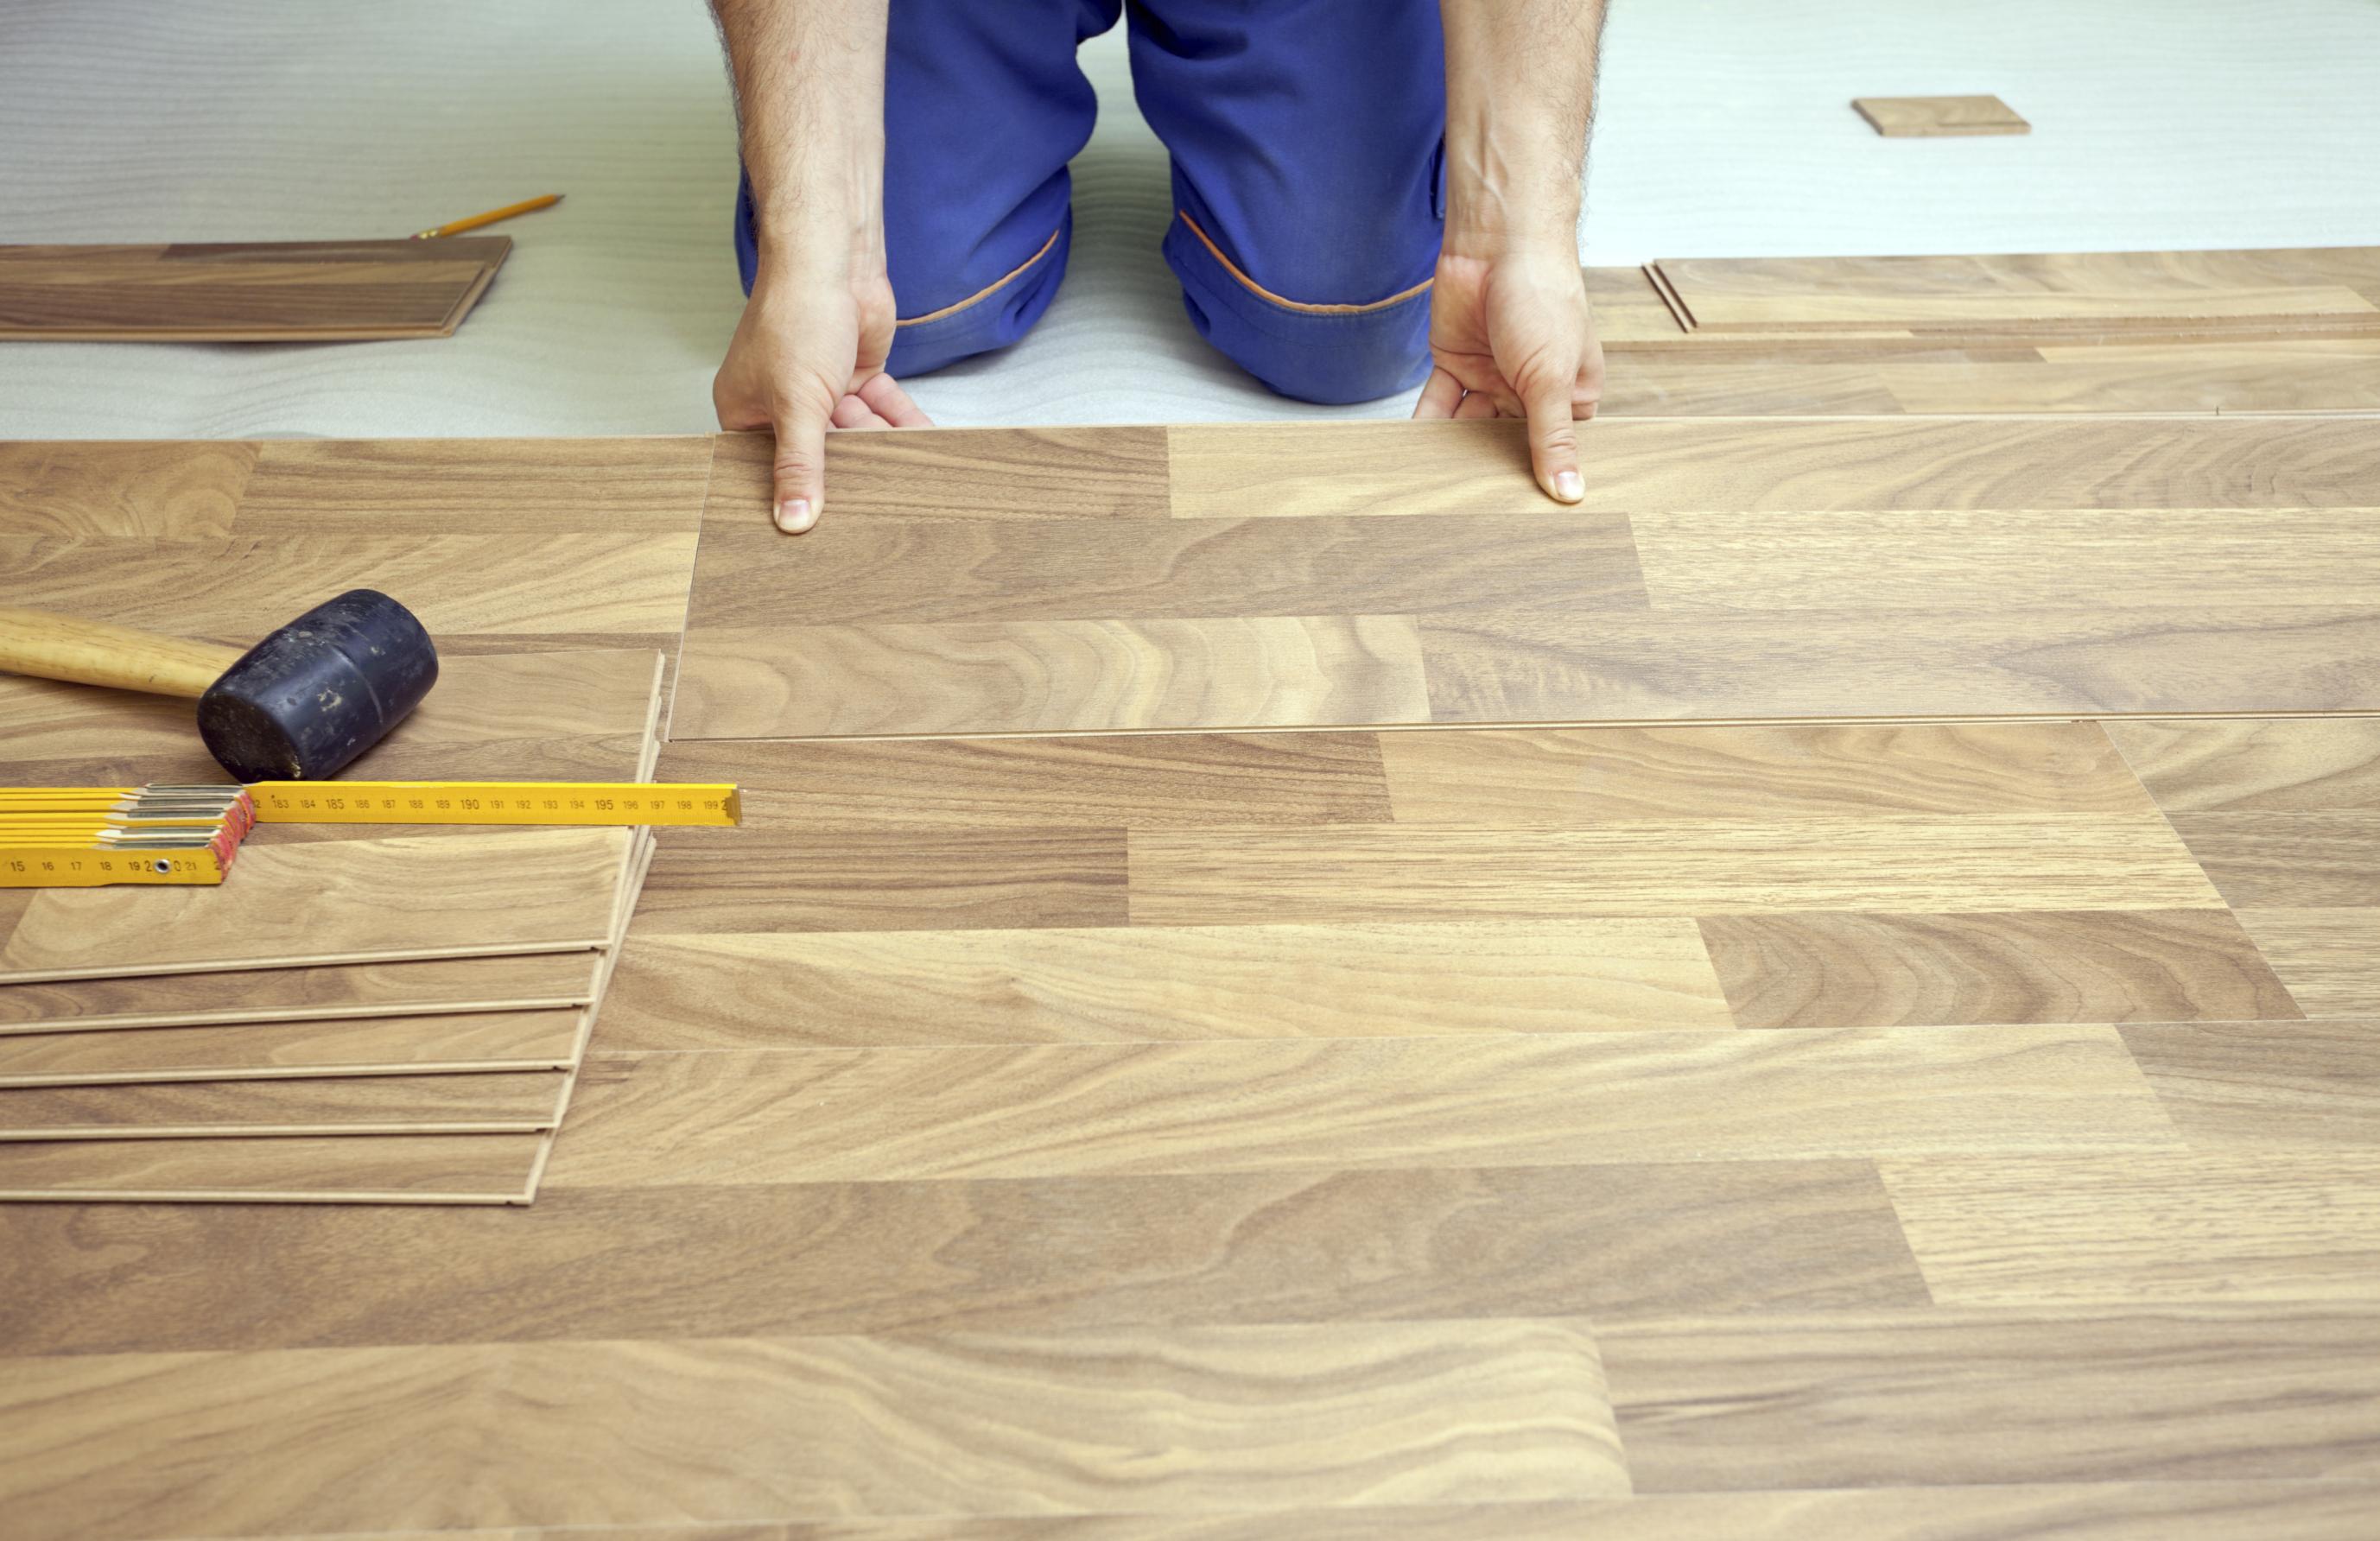 anisiorevestimentosblog-piso-vinilico-clicado